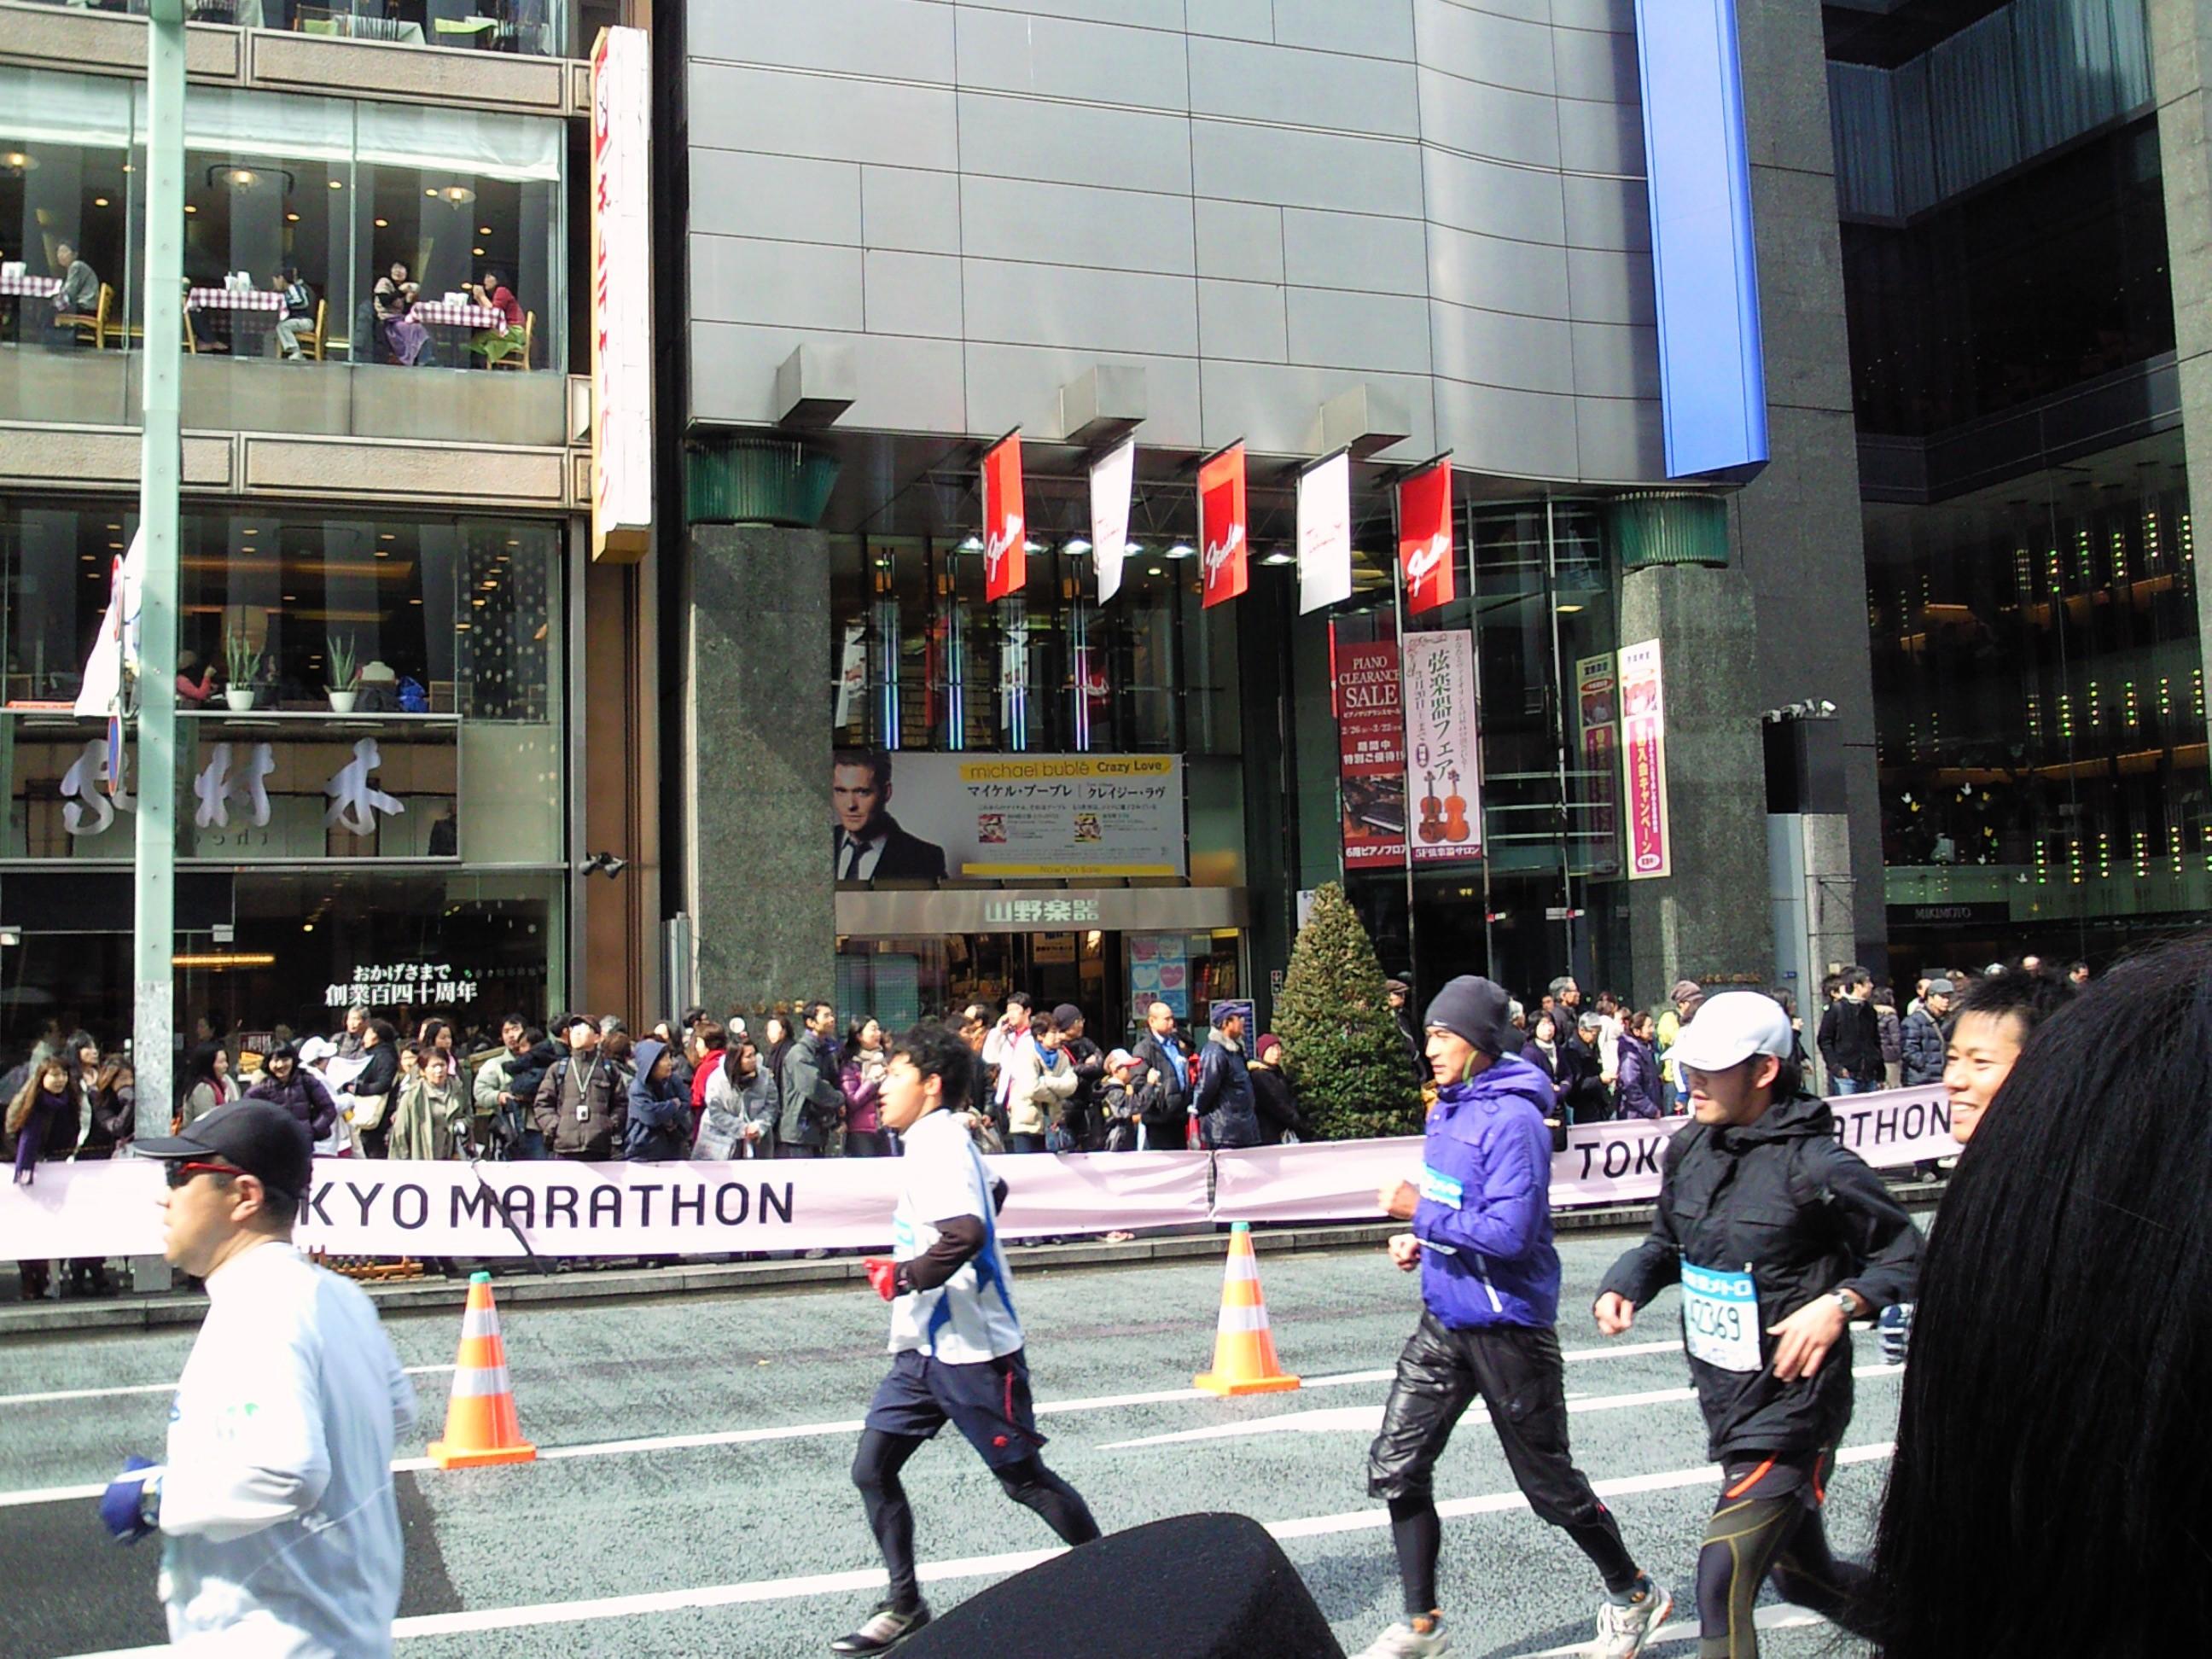 東京マラソン2010 - インプラン...